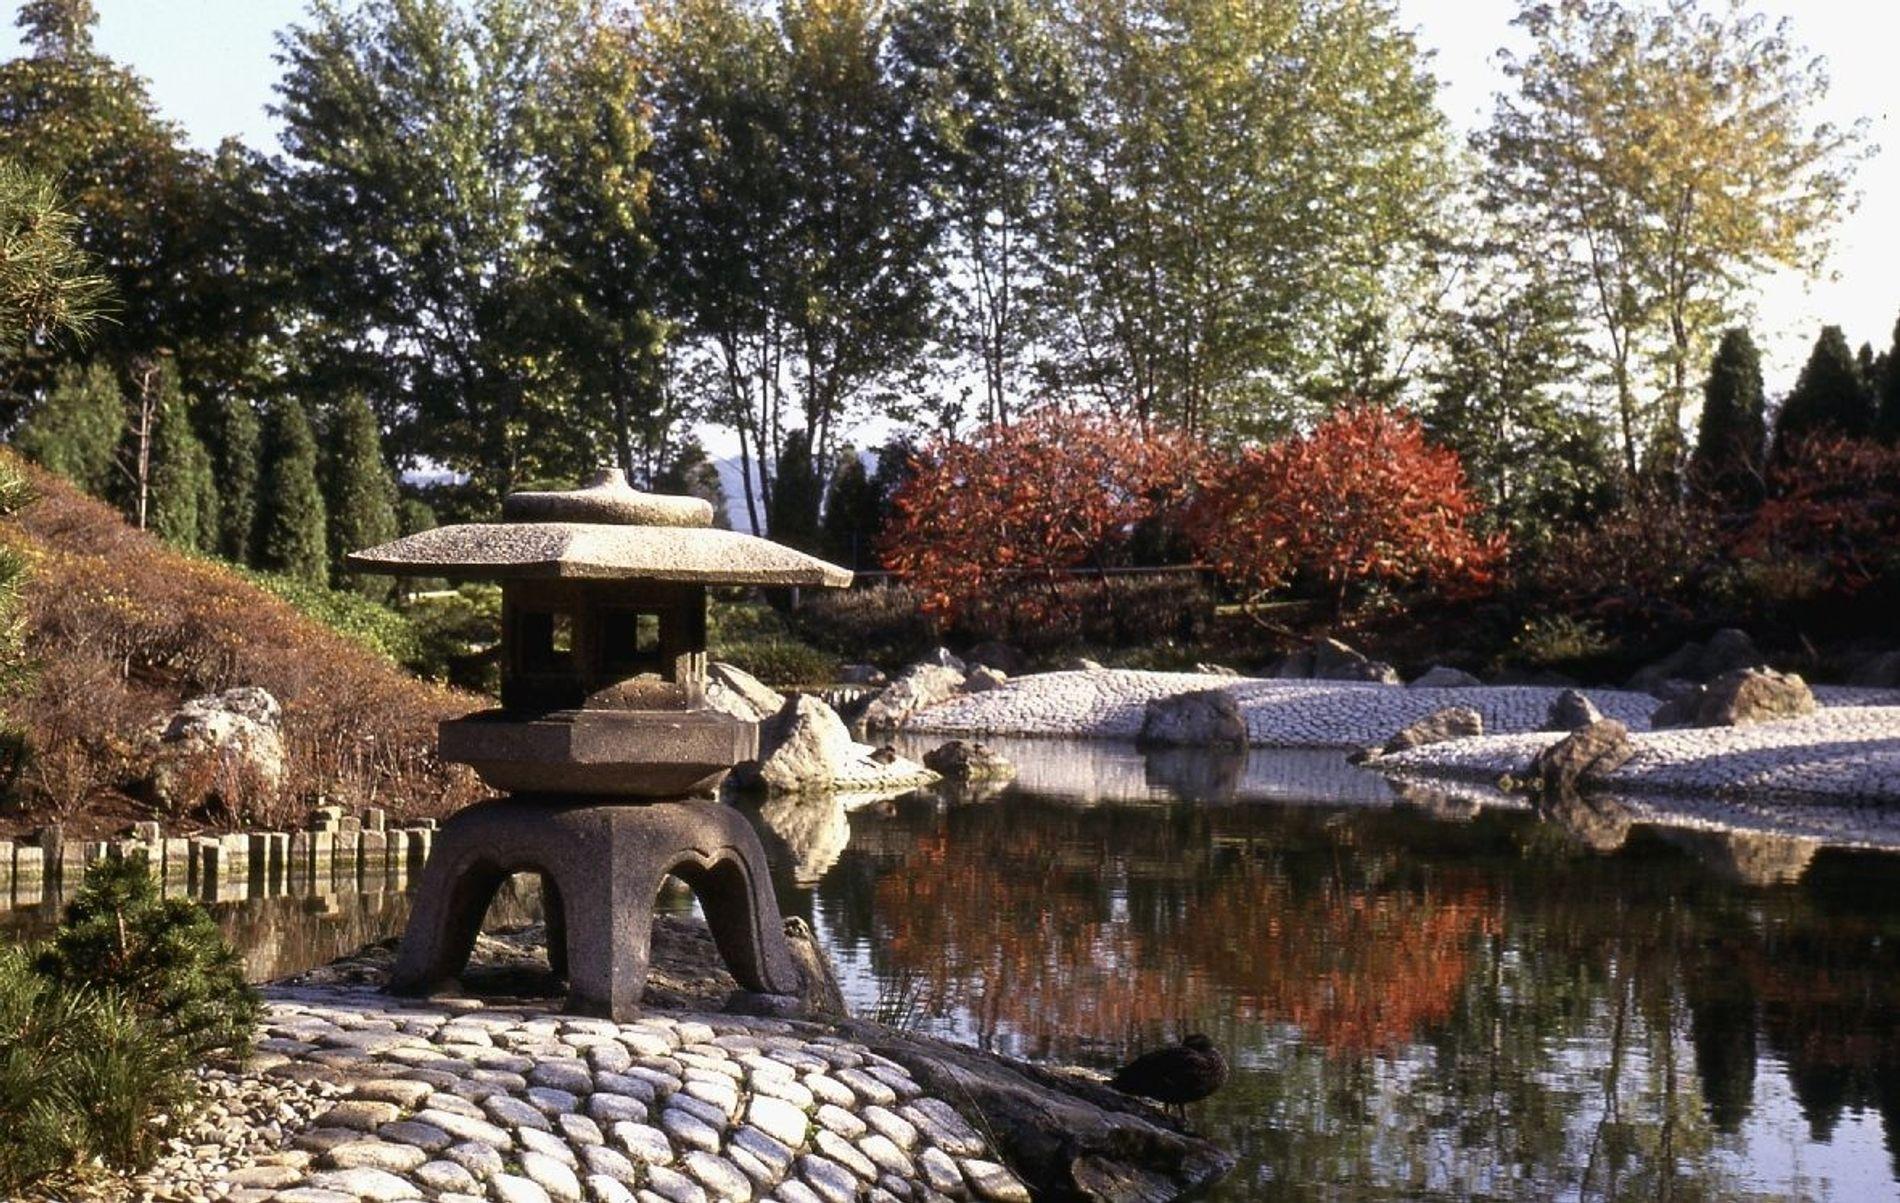 Zeugnis fernöstlicher Gartenbaukunst: Der japanische Garten in der Bonner Rheinaue